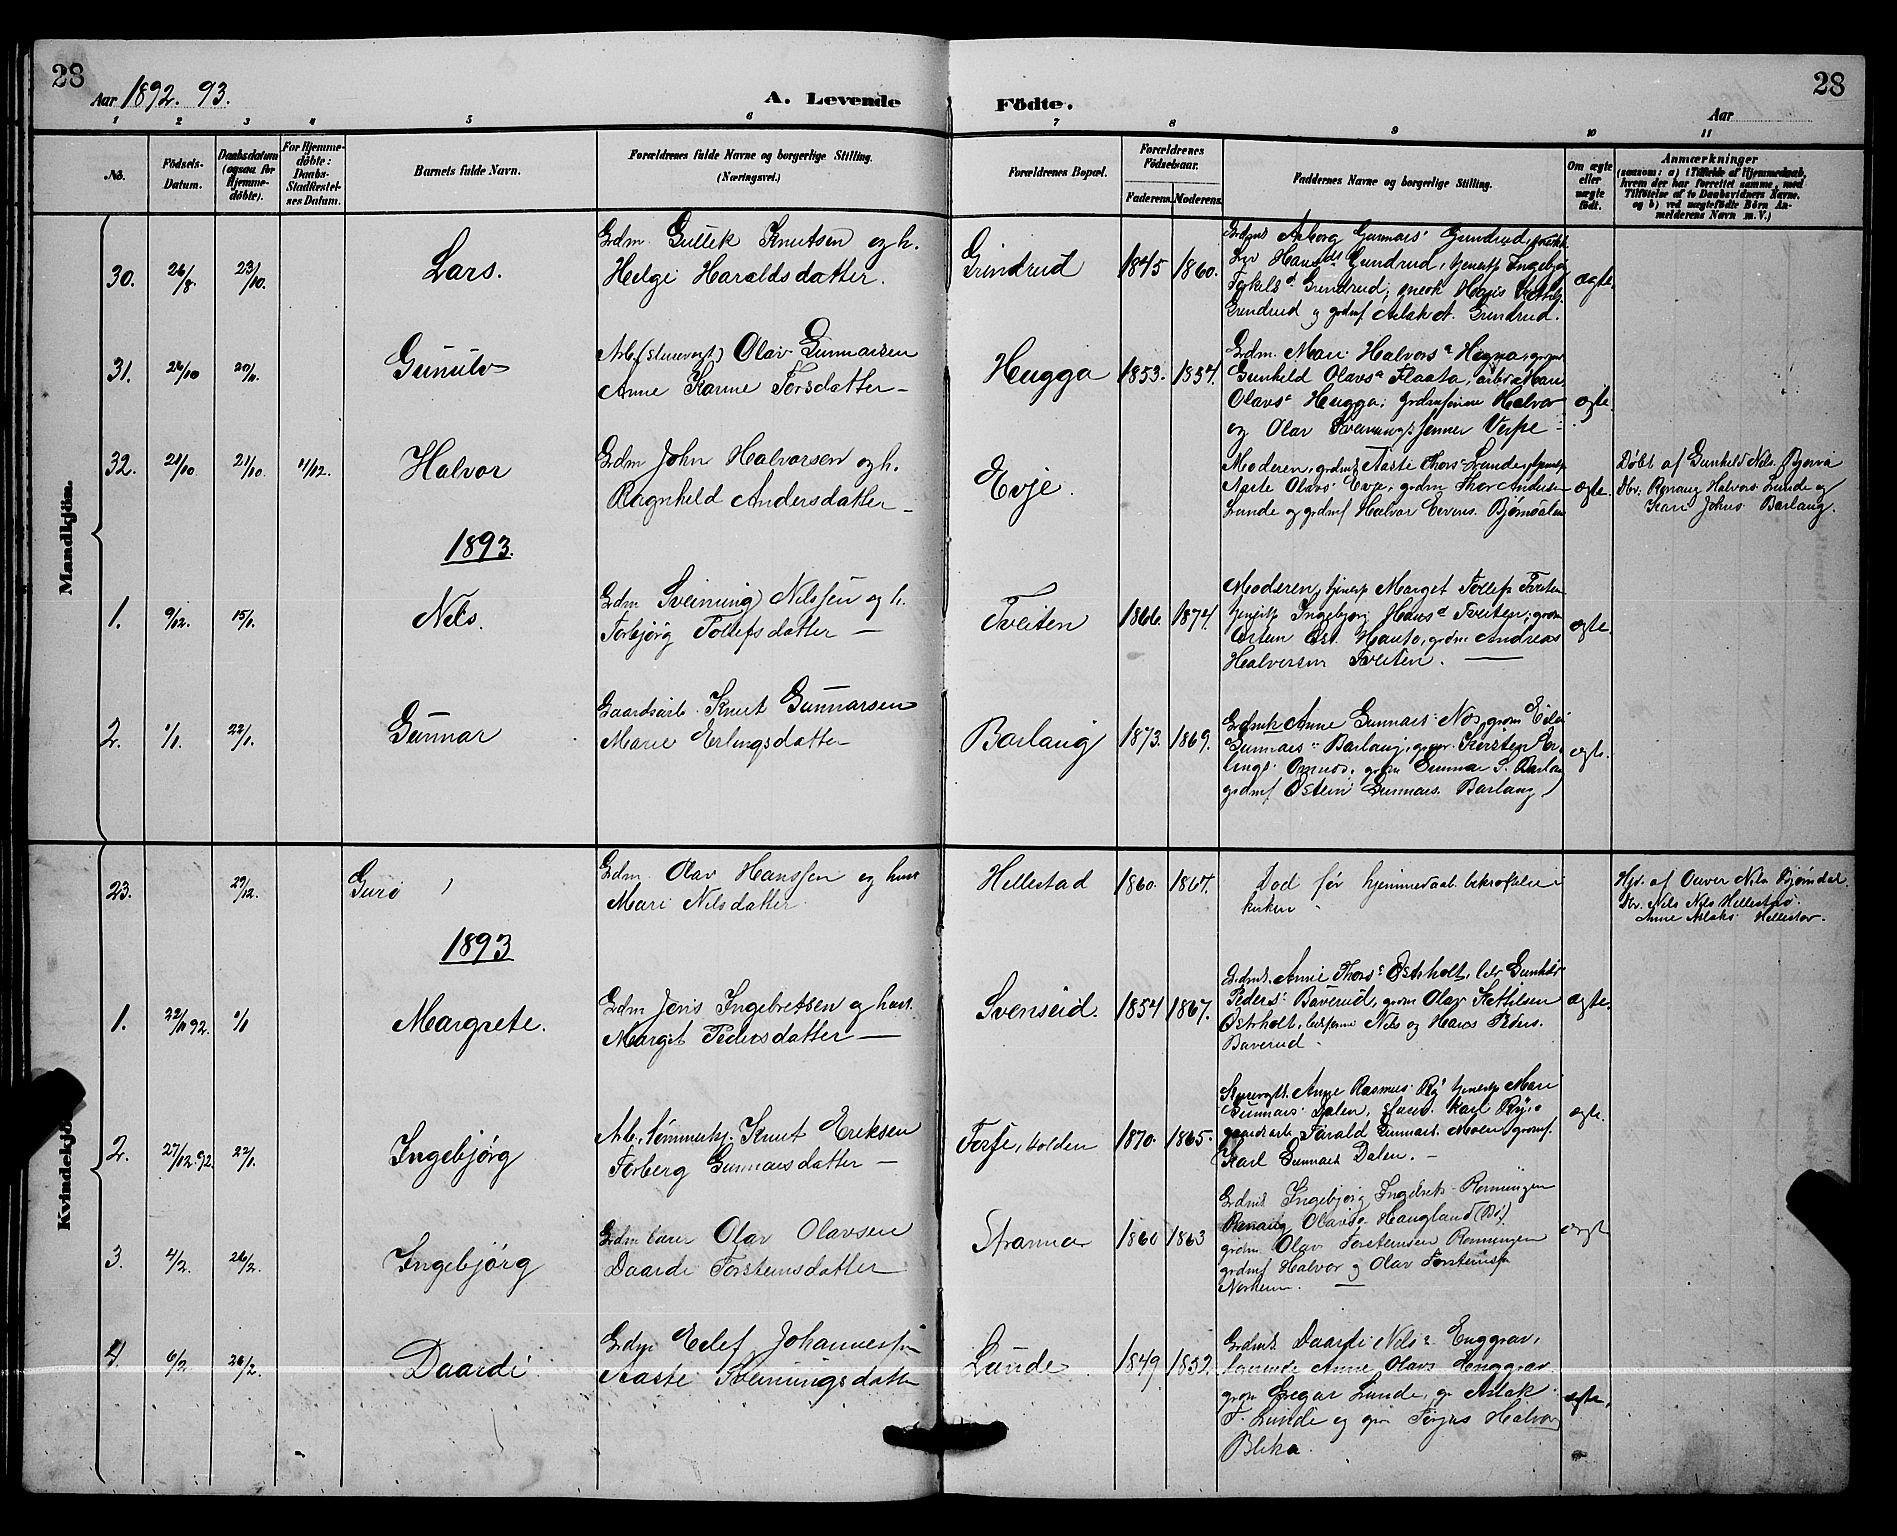 SAKO, Lunde kirkebøker, G/Ga/L0002: Klokkerbok nr. I 2, 1887-1896, s. 28